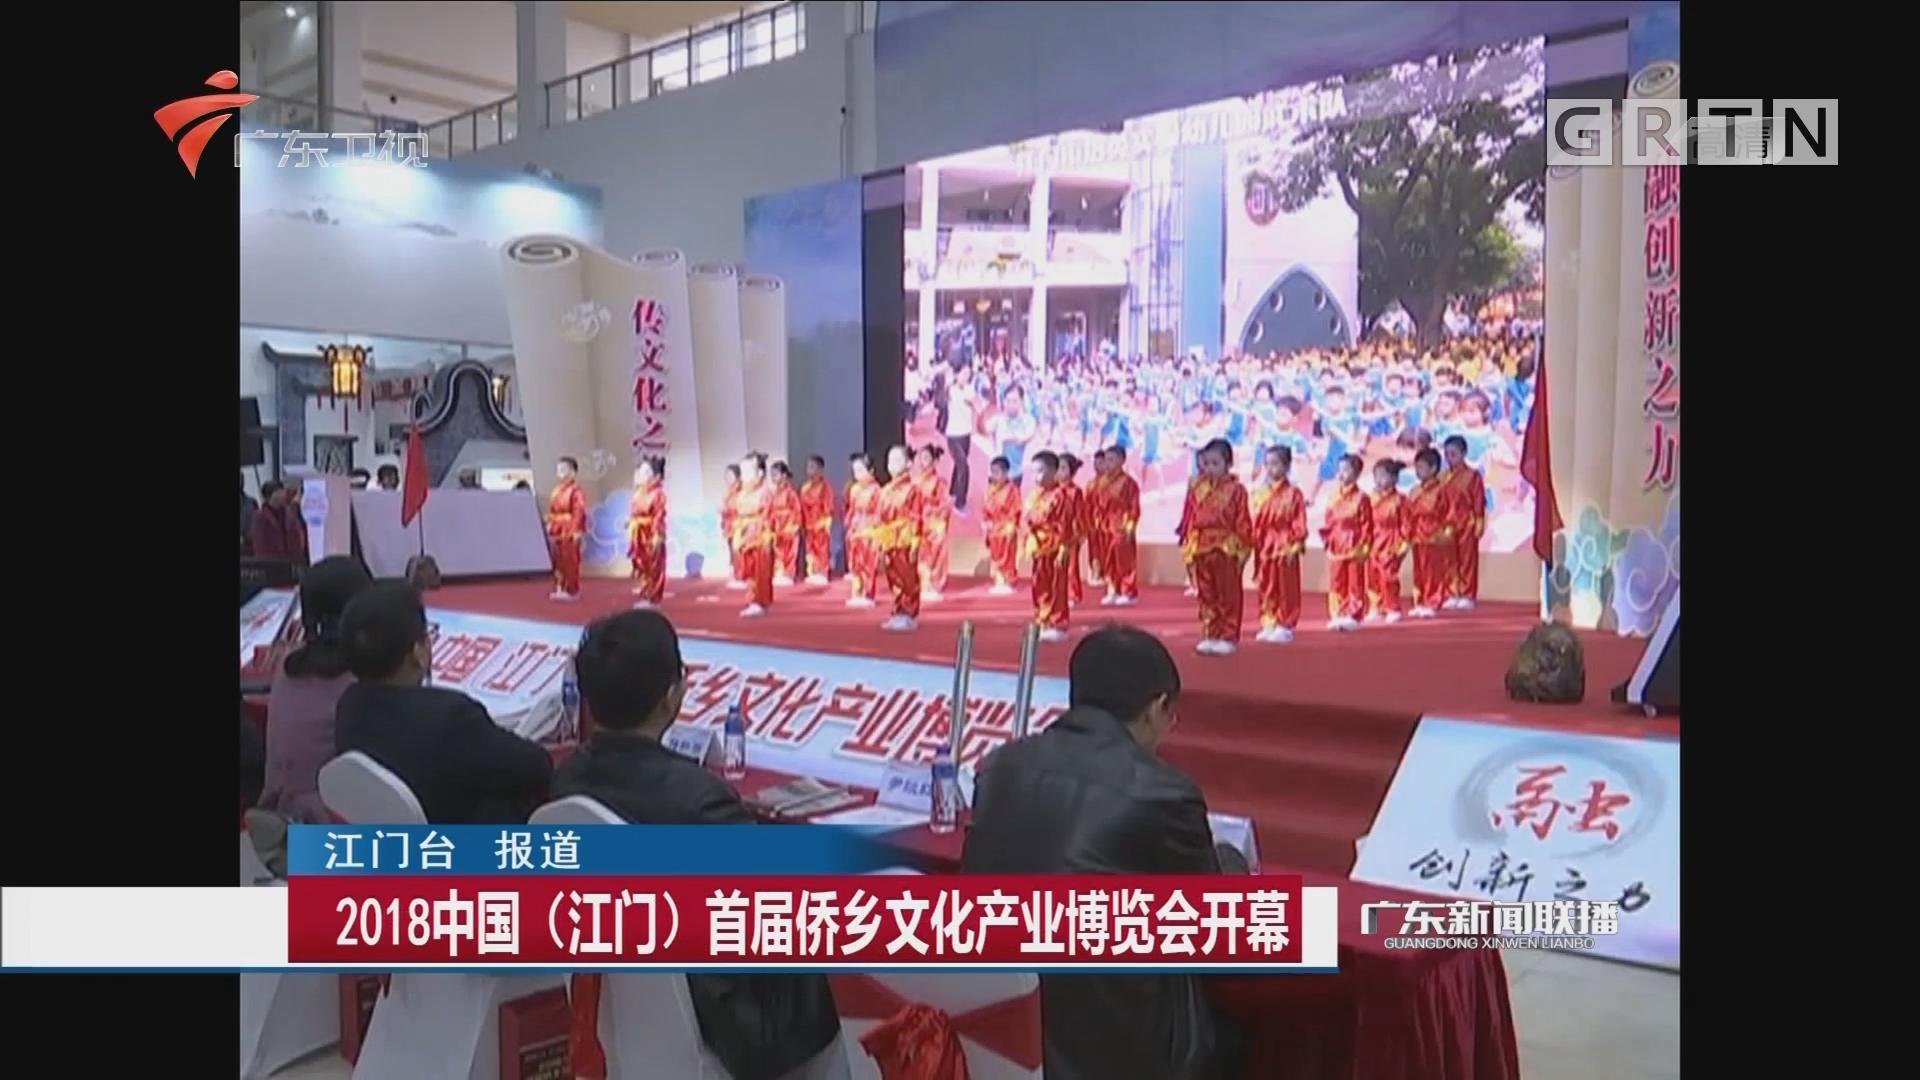 2018中国(江门)首届侨乡文化产业博览会开幕